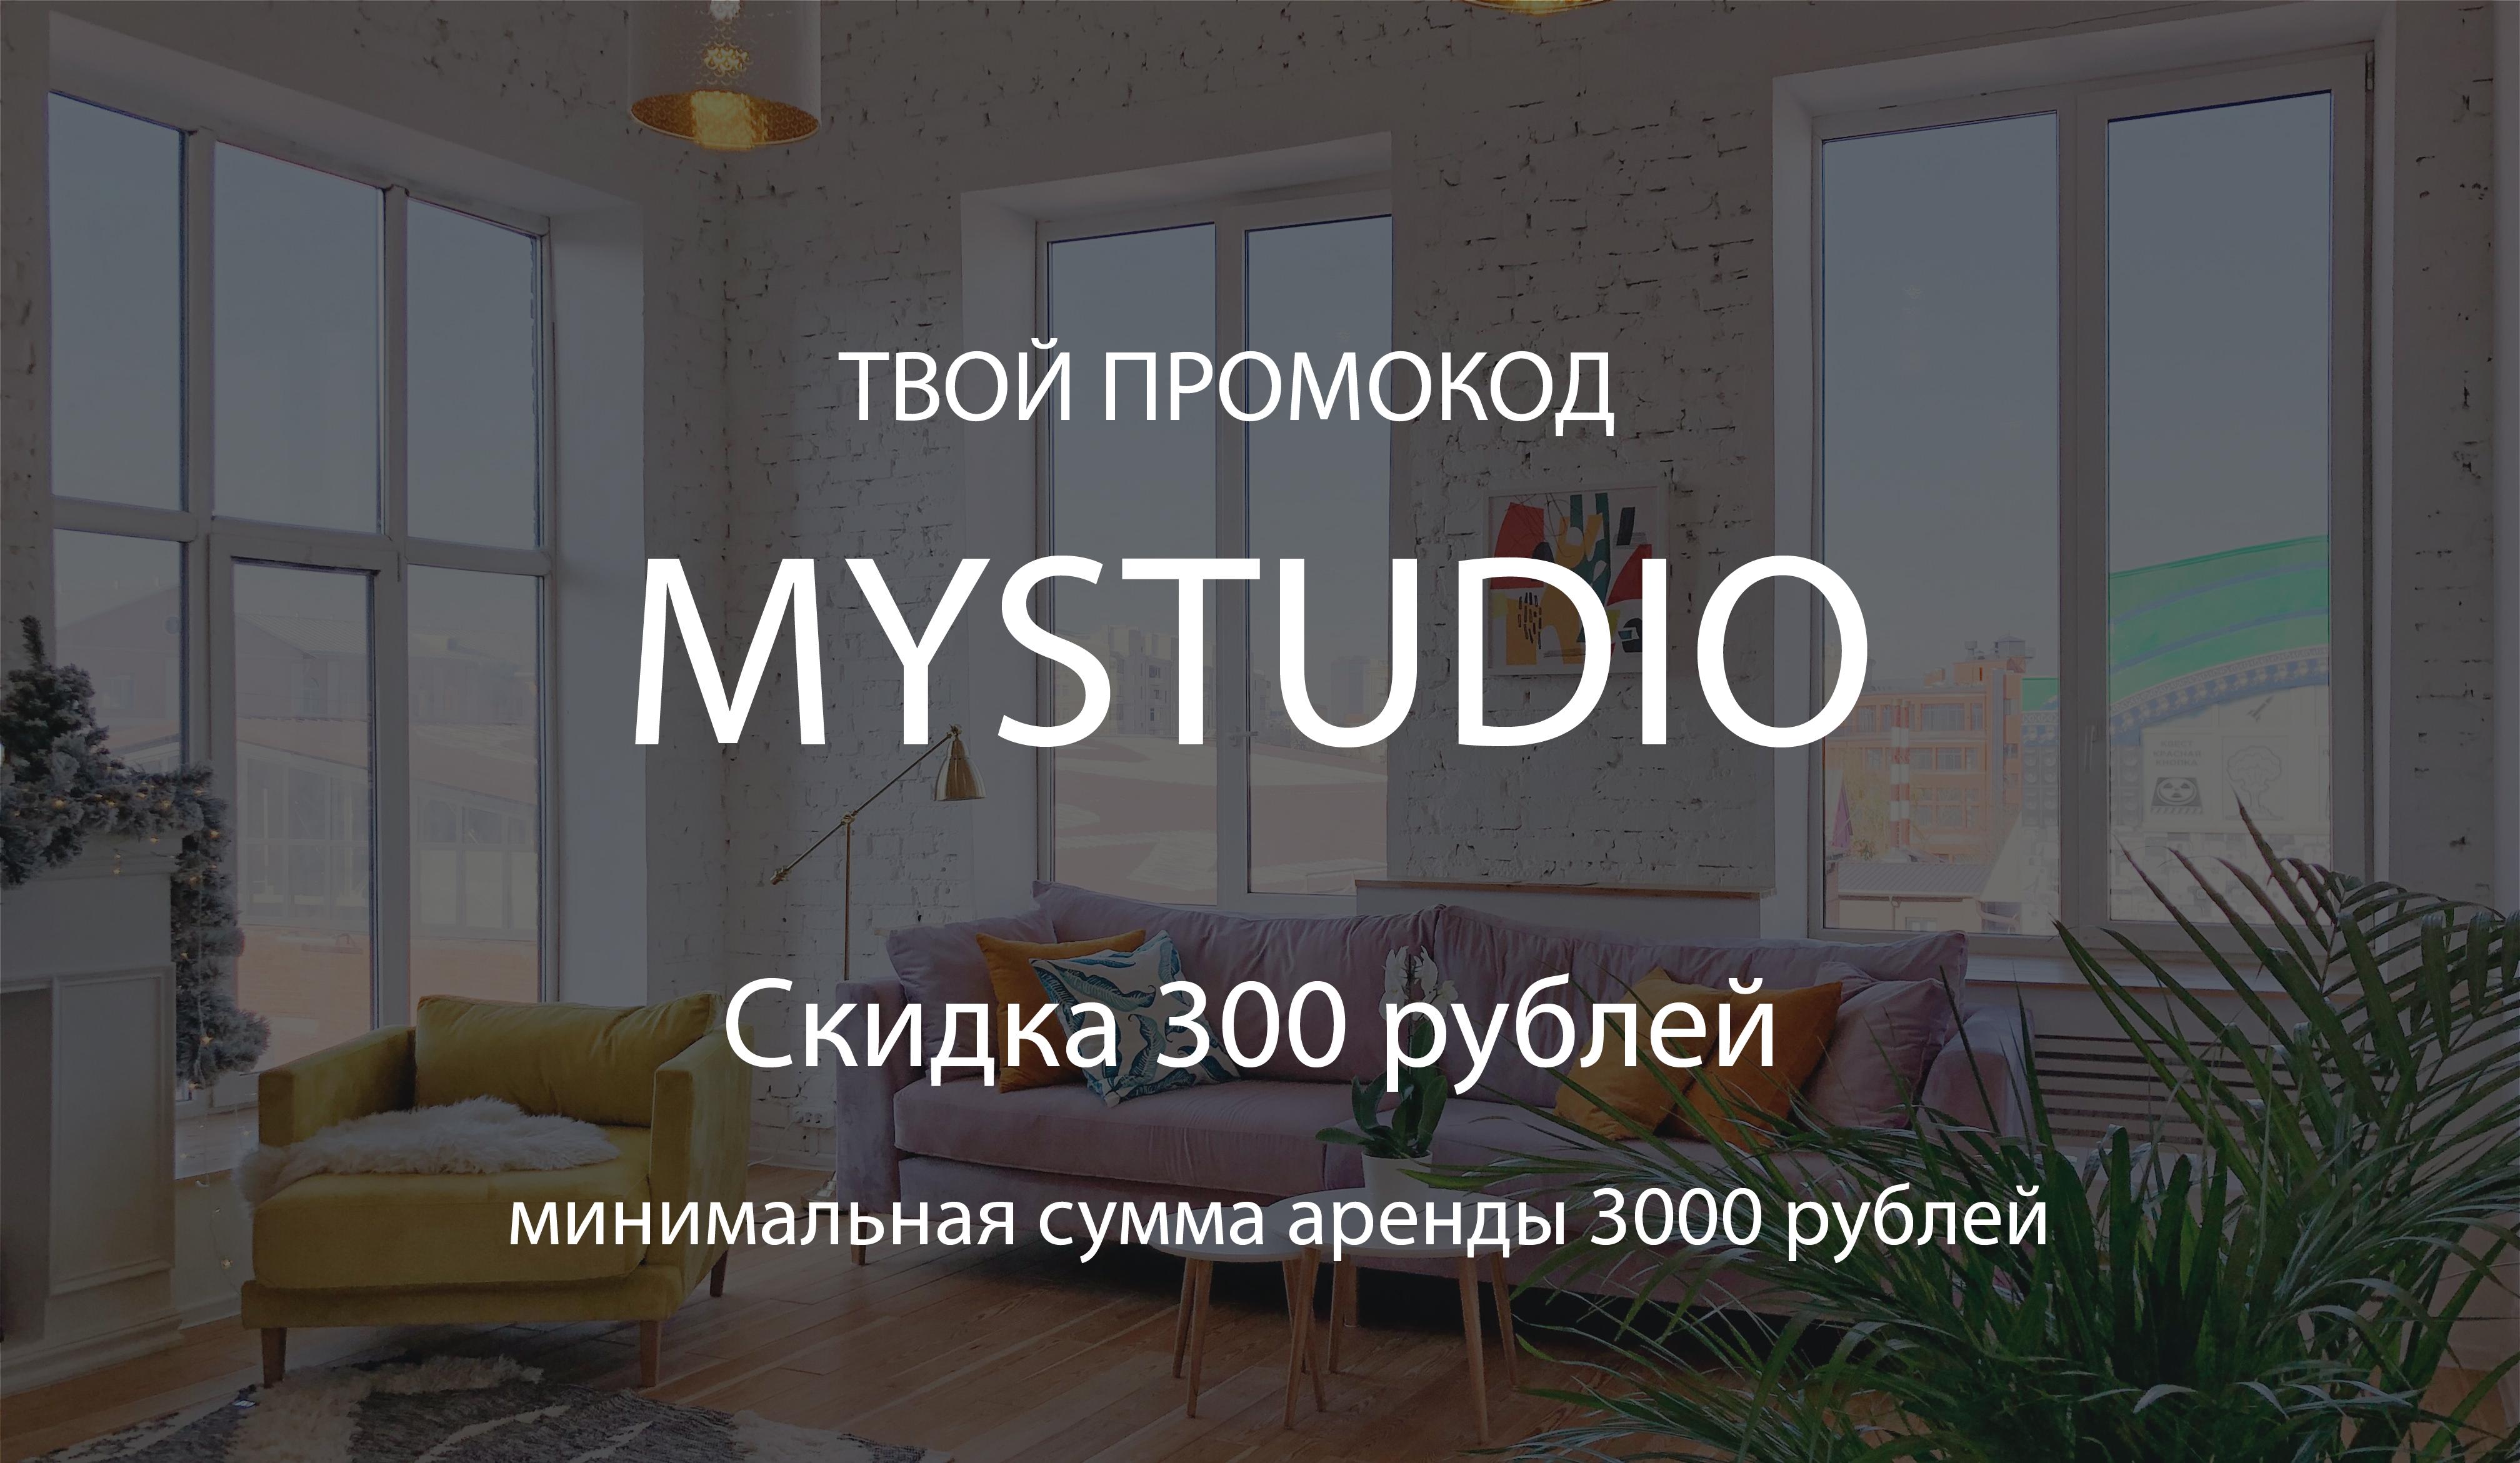 Промокод Mystudios